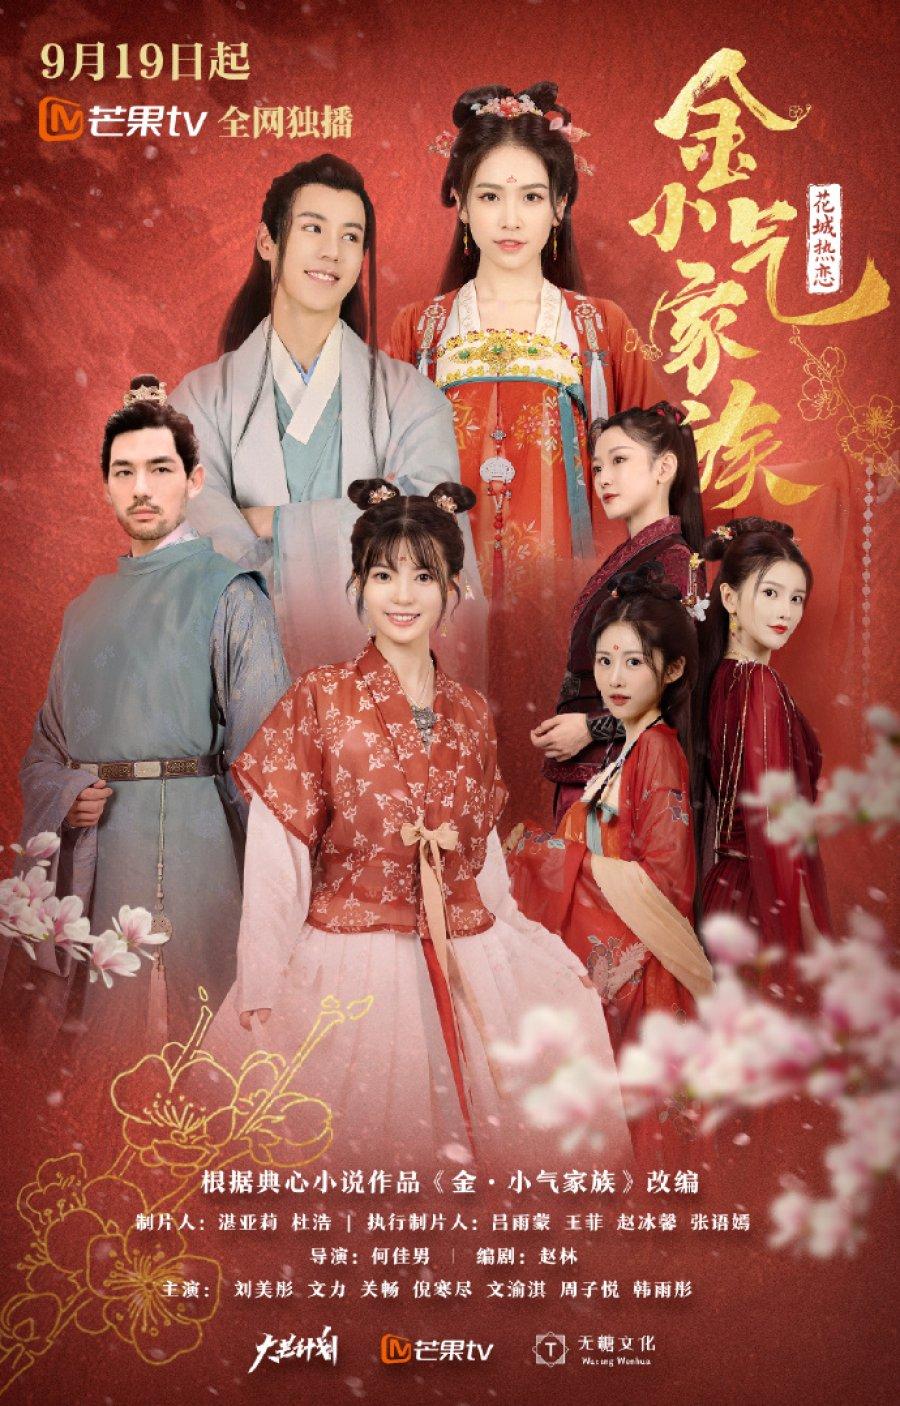 RNP5Y 4f - Великолепные сёстры ✦ 2021 ✦ Китай